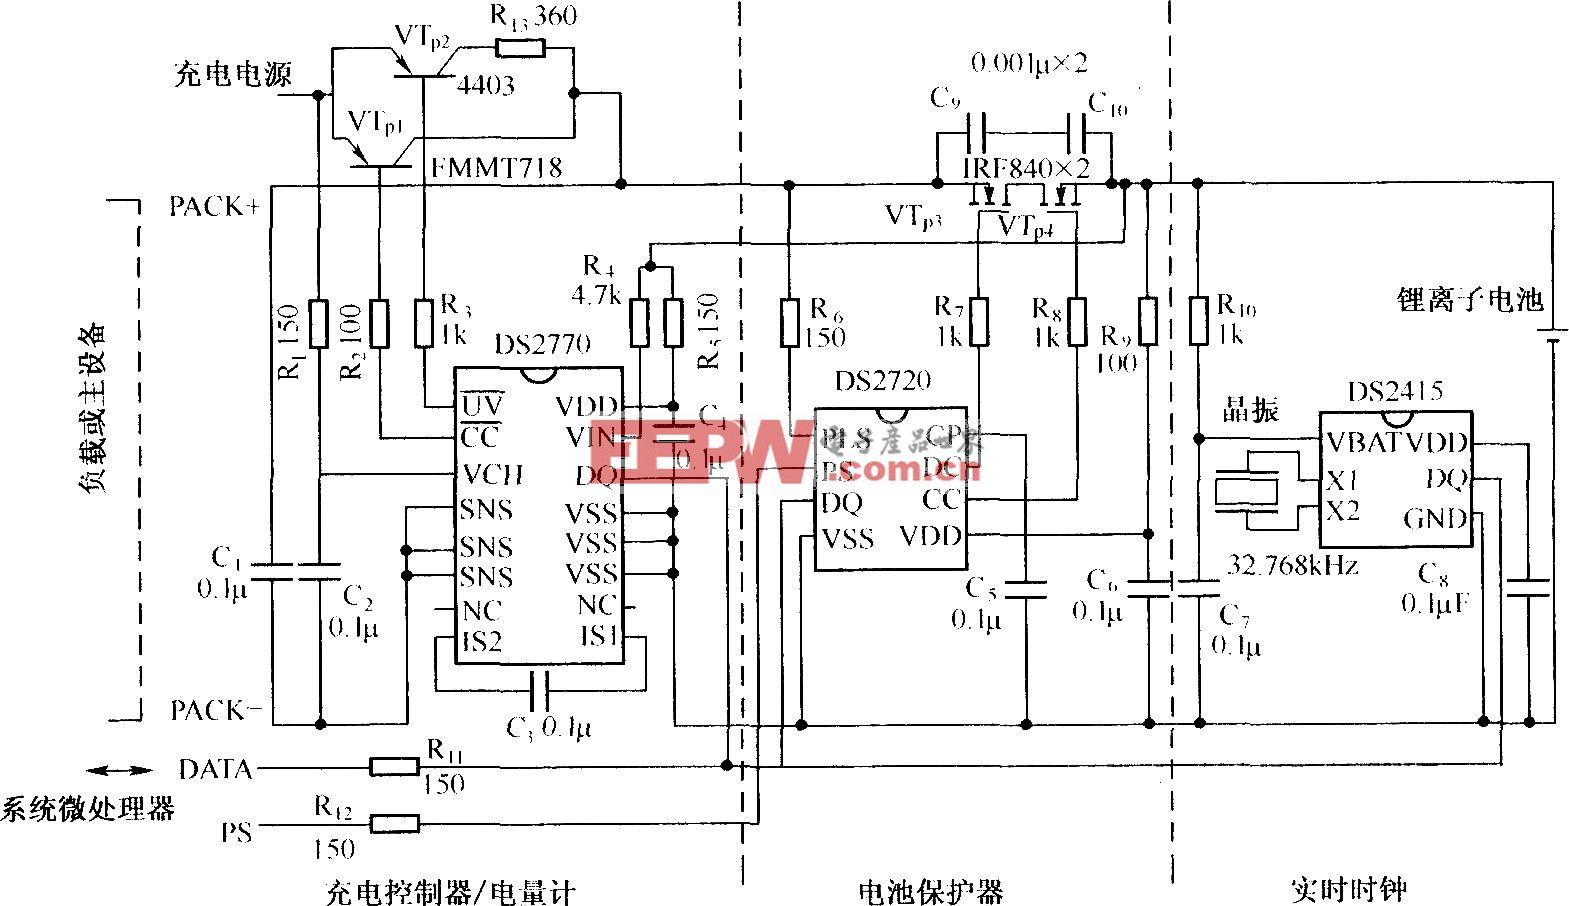 新型高性能锂离子电池充电器设计方案图(DS2770,DS2720)